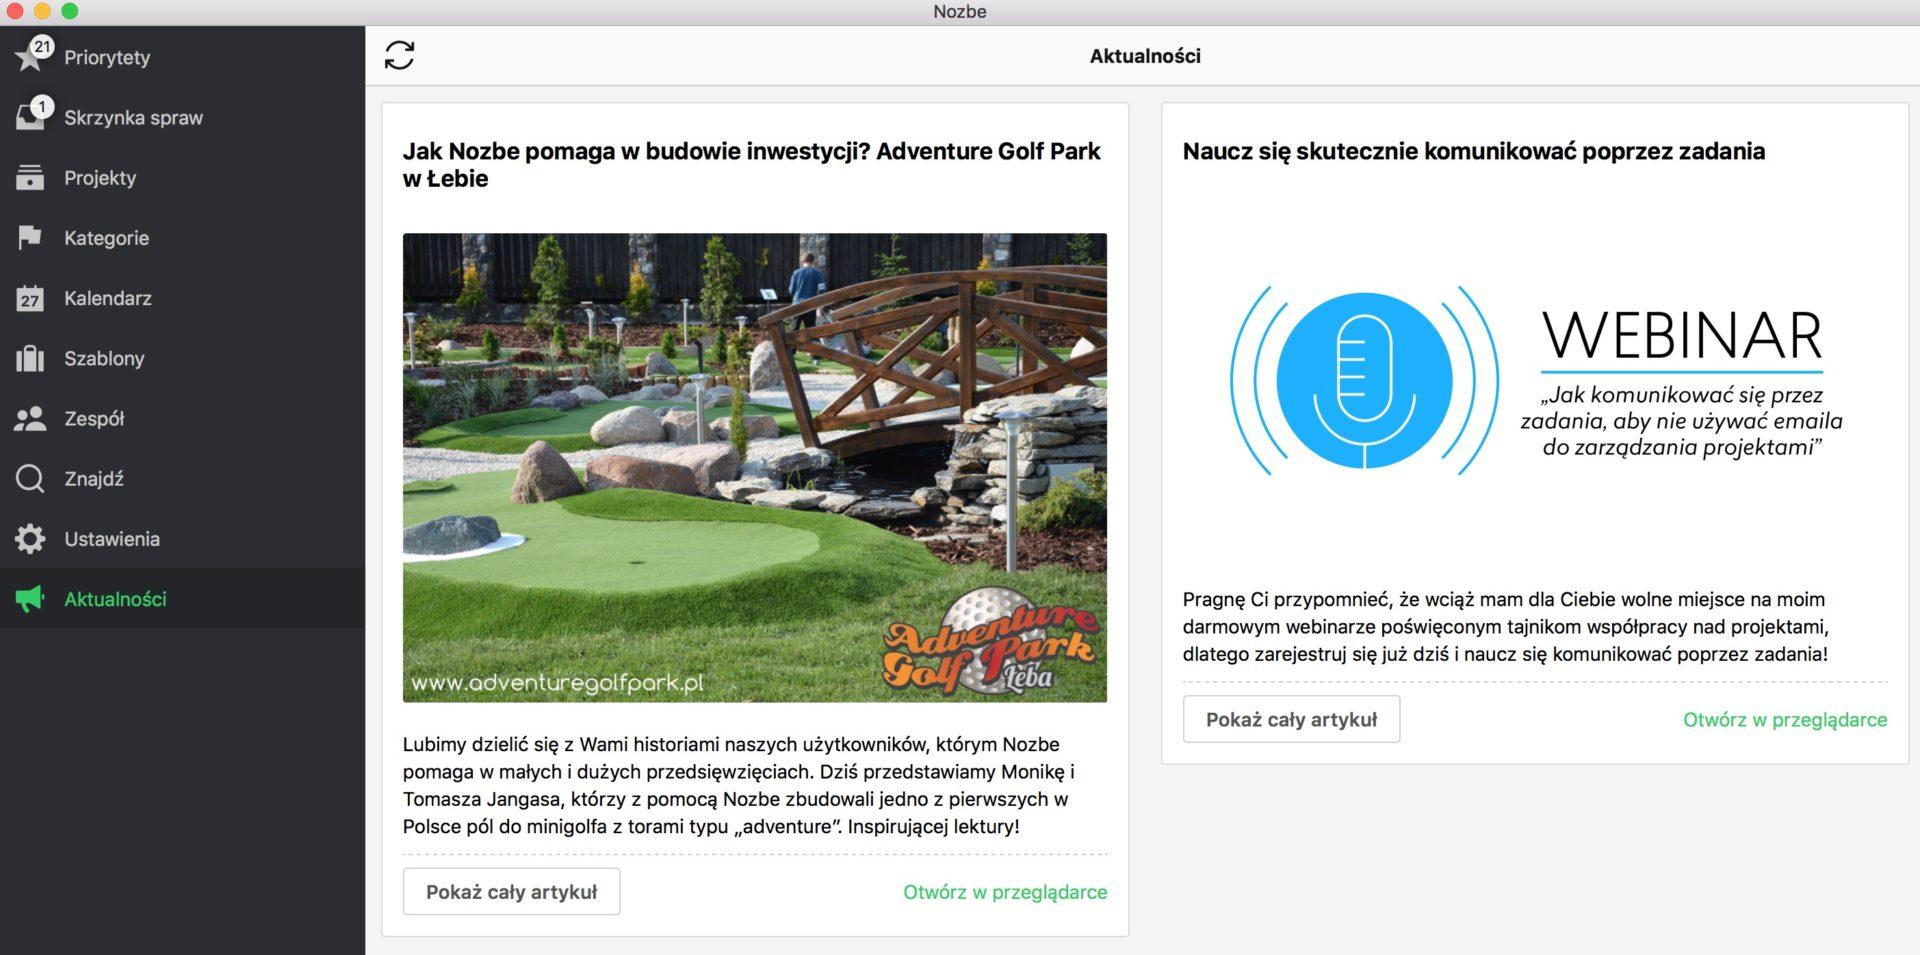 Jak Nozbe pomaga w budowie Adventure Golf Park?